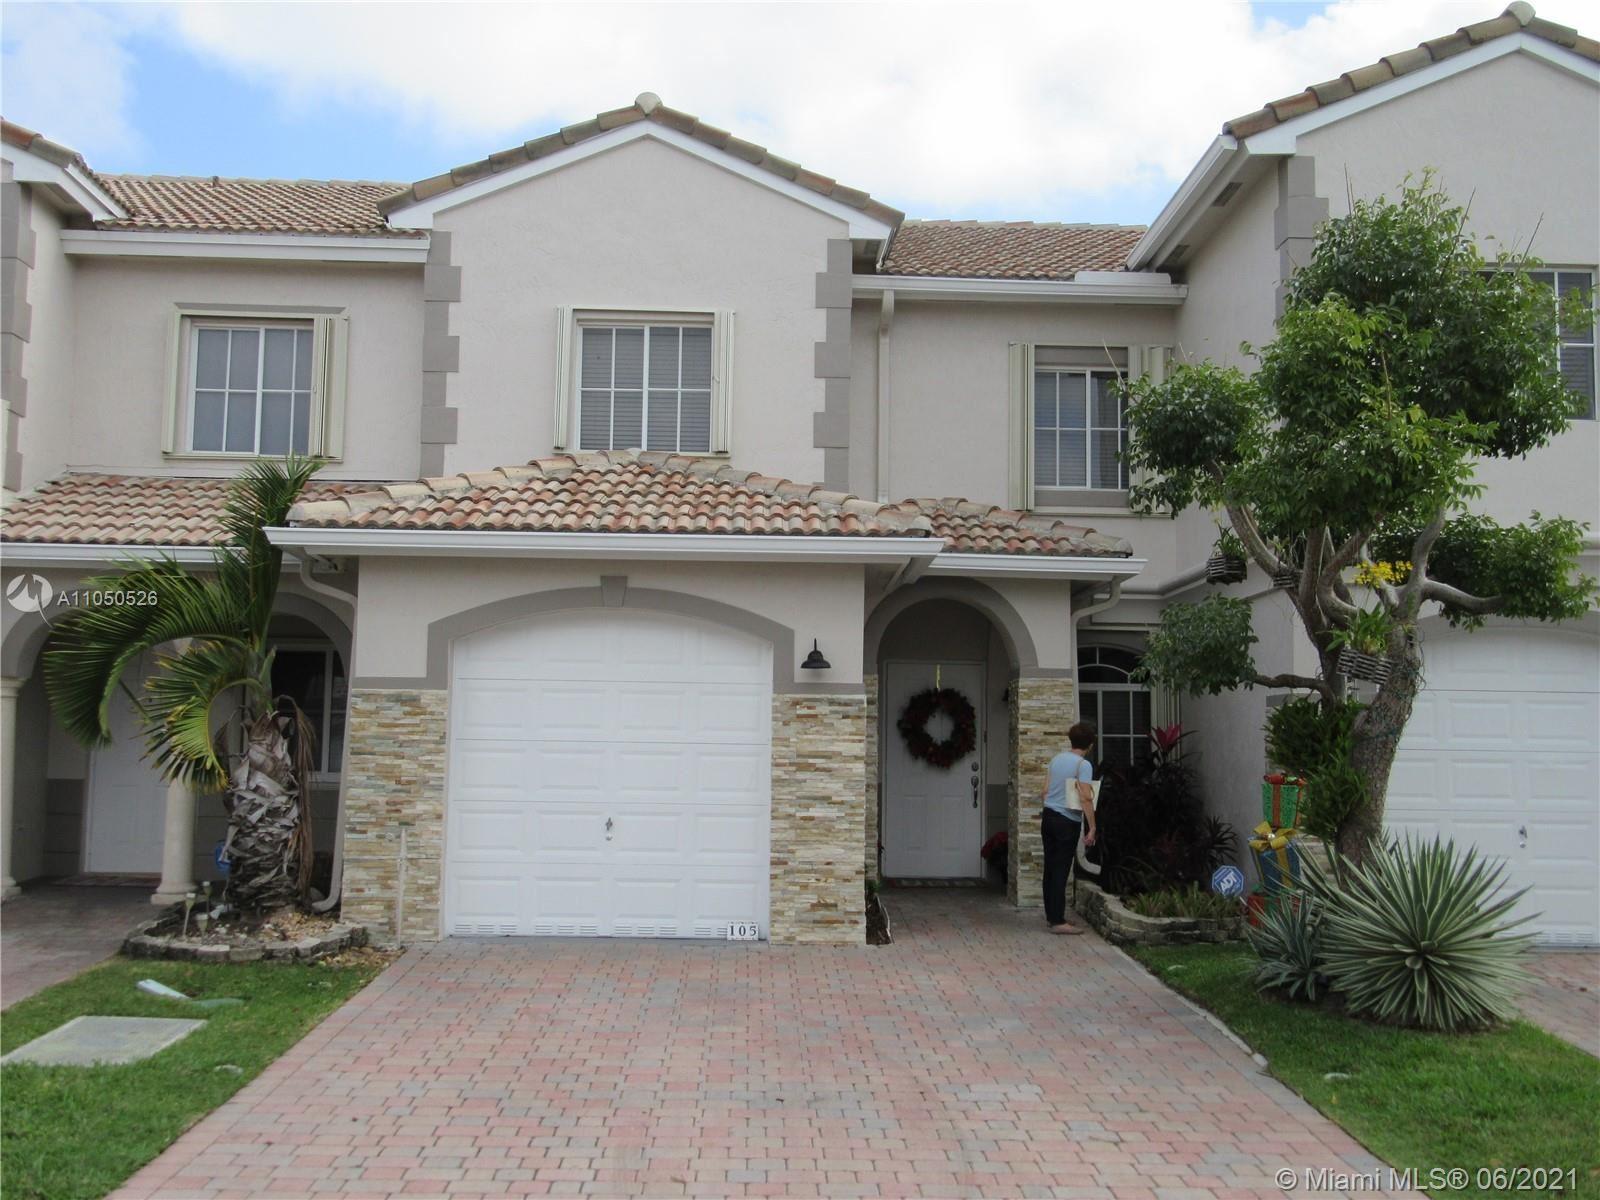 8351 SW 124th Ave #105, Miami, FL 33183 - #: A11050526